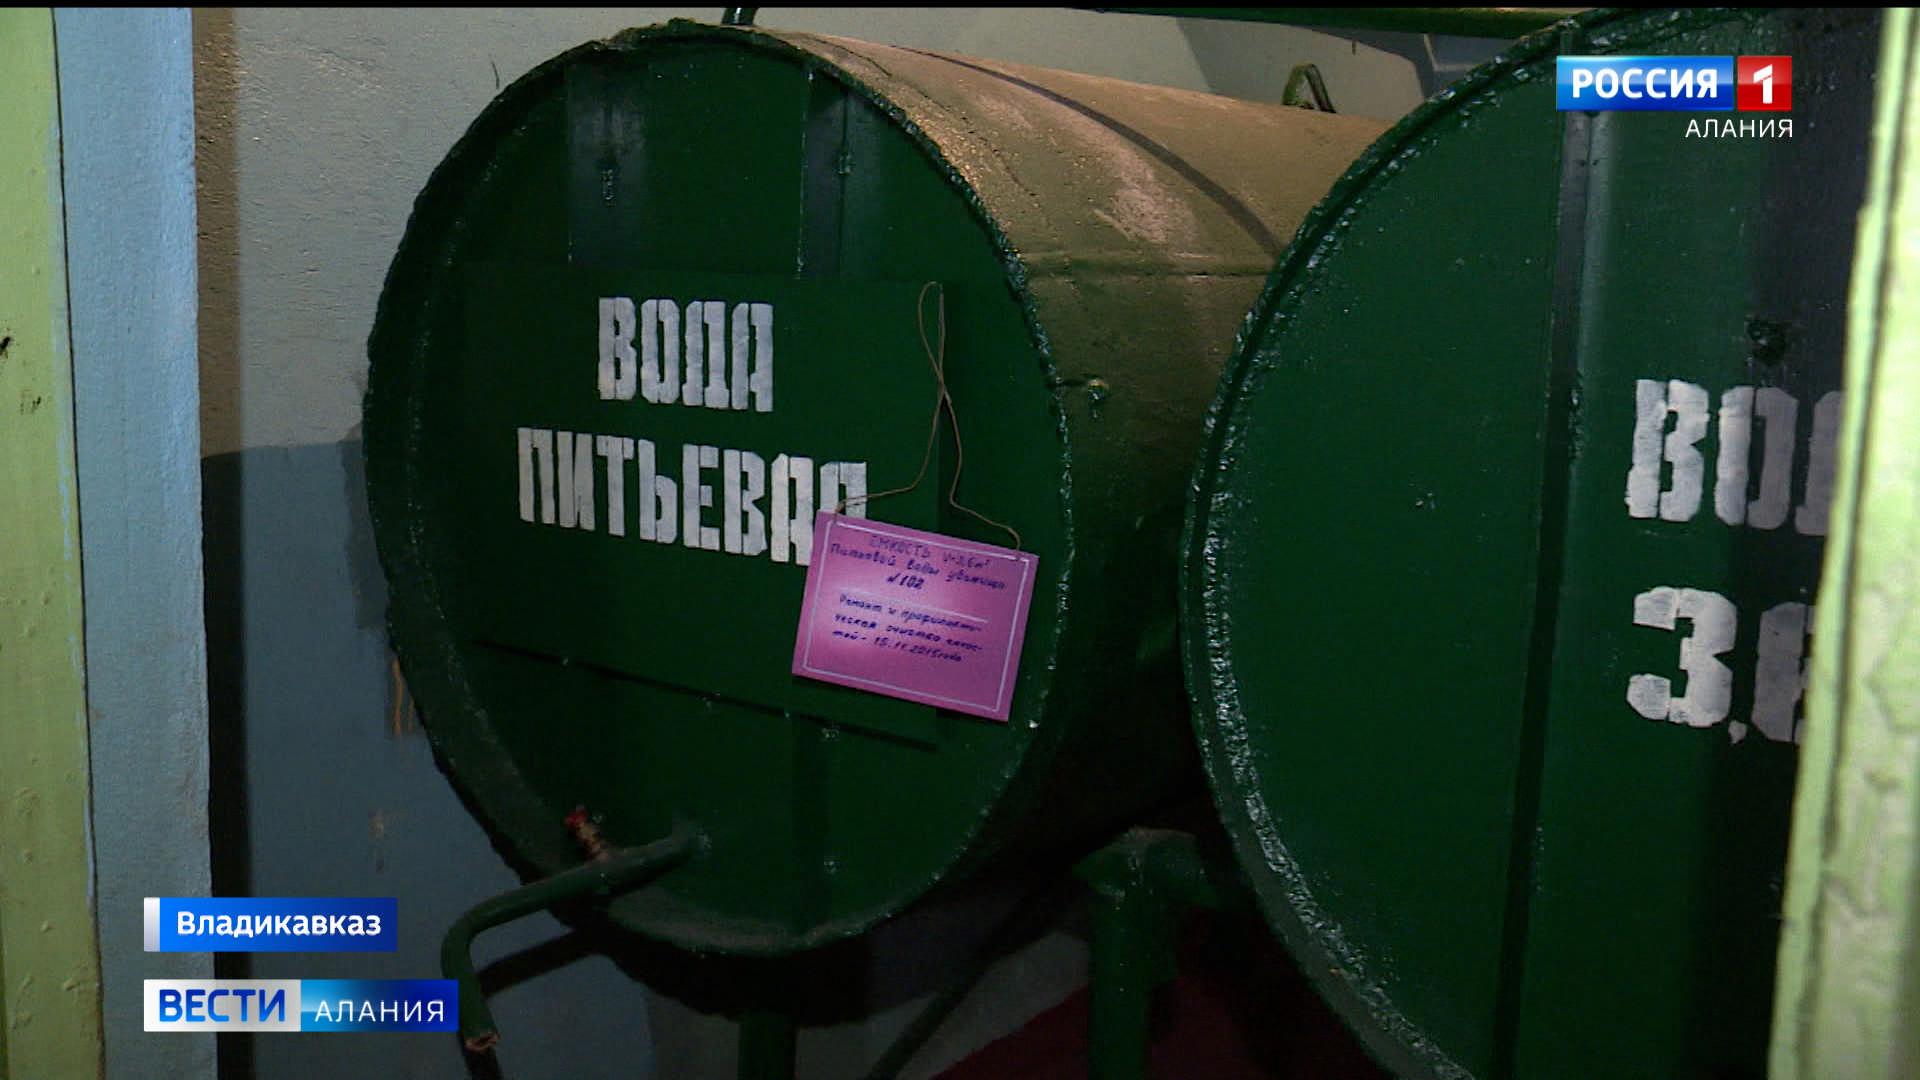 Ко Дню гражданской обороны: североосетинские журналисты посетили защитное сооружение завода «Победит»